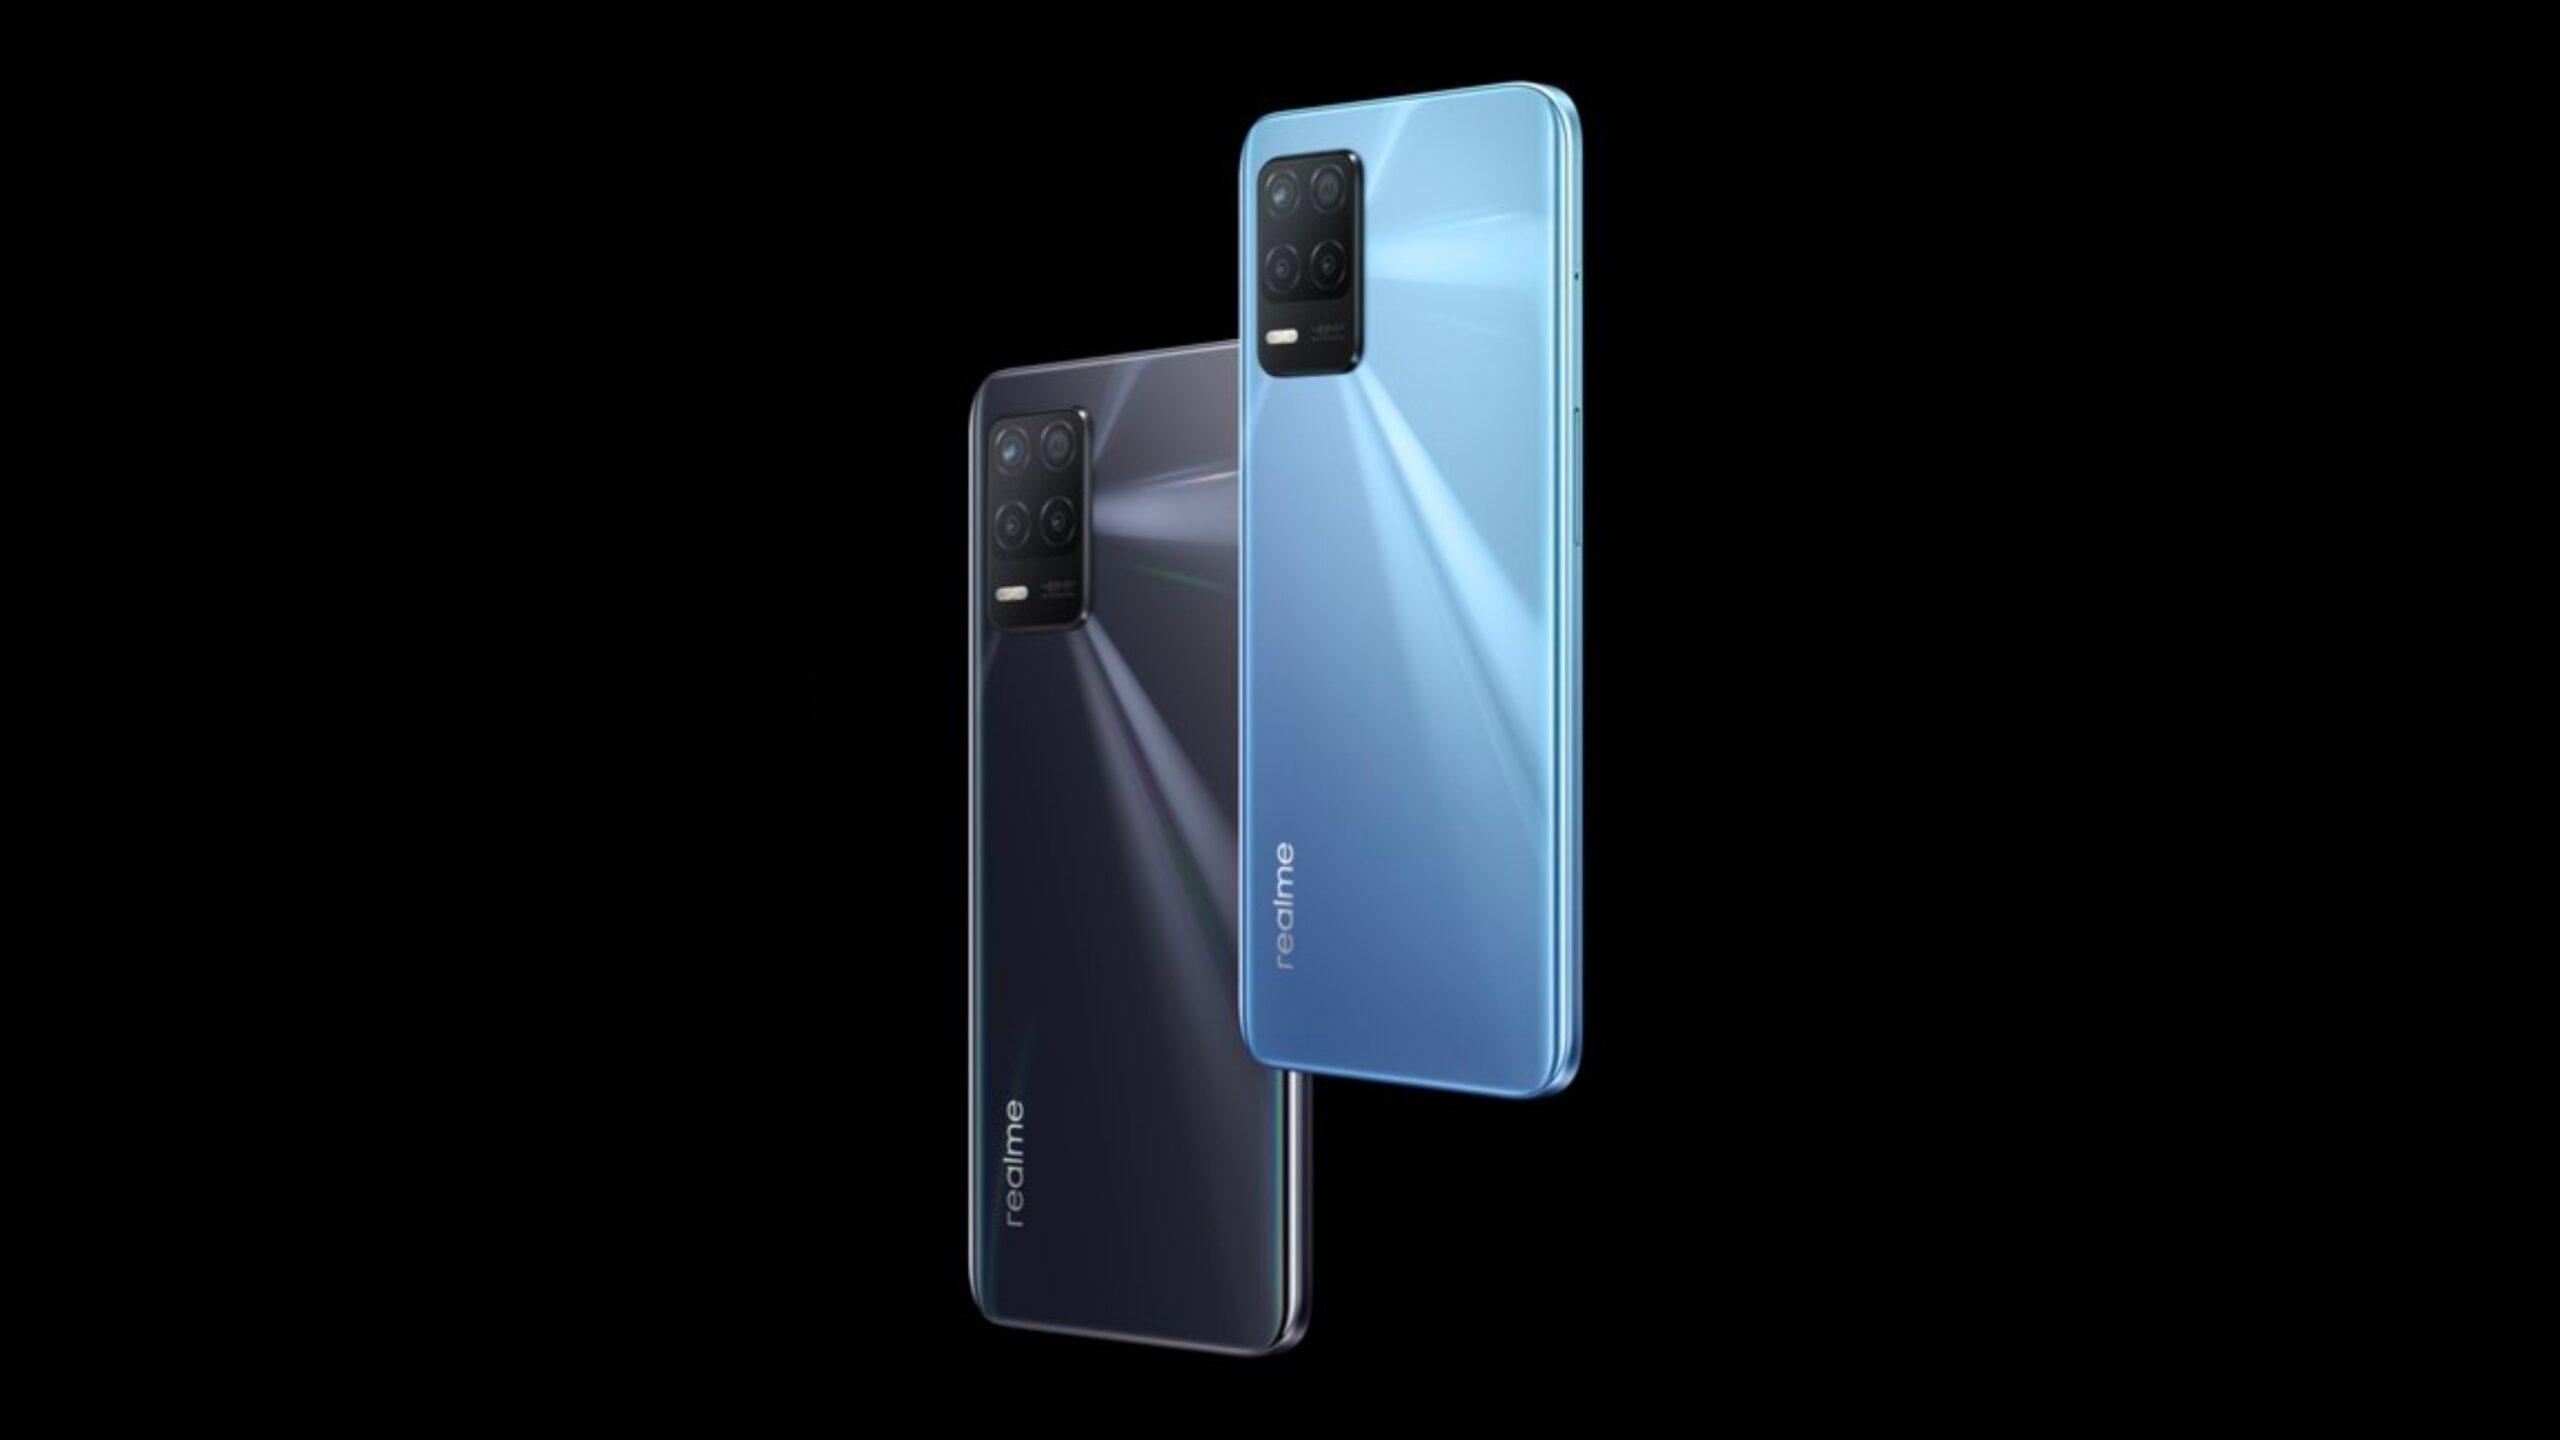 Цены на Realme C21, C25s, Narzo 30, 8 5G в Индии выросли на 500 ₹